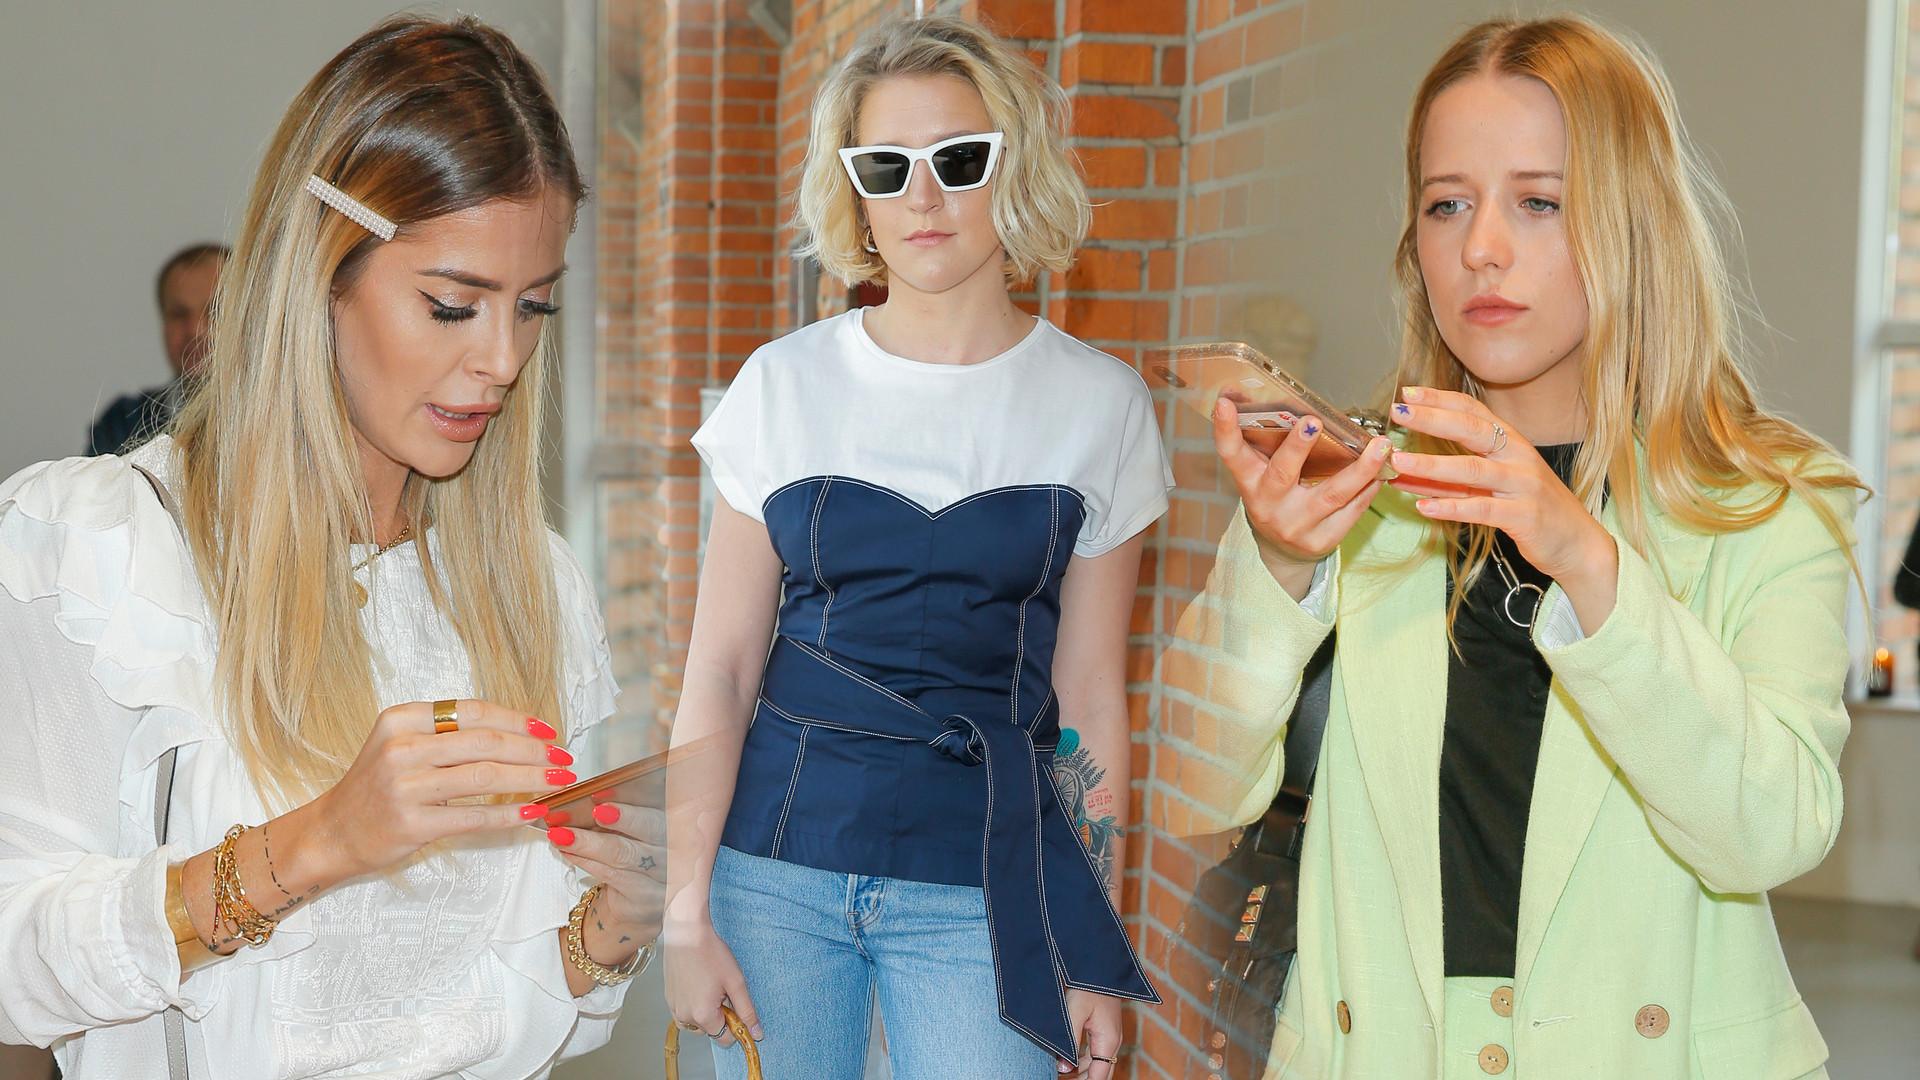 Pieczonka, Mercedes, Gessler i inne gwiazdy na otwarciu działu beauty w sklepie internetowym (ZDJĘCIA)